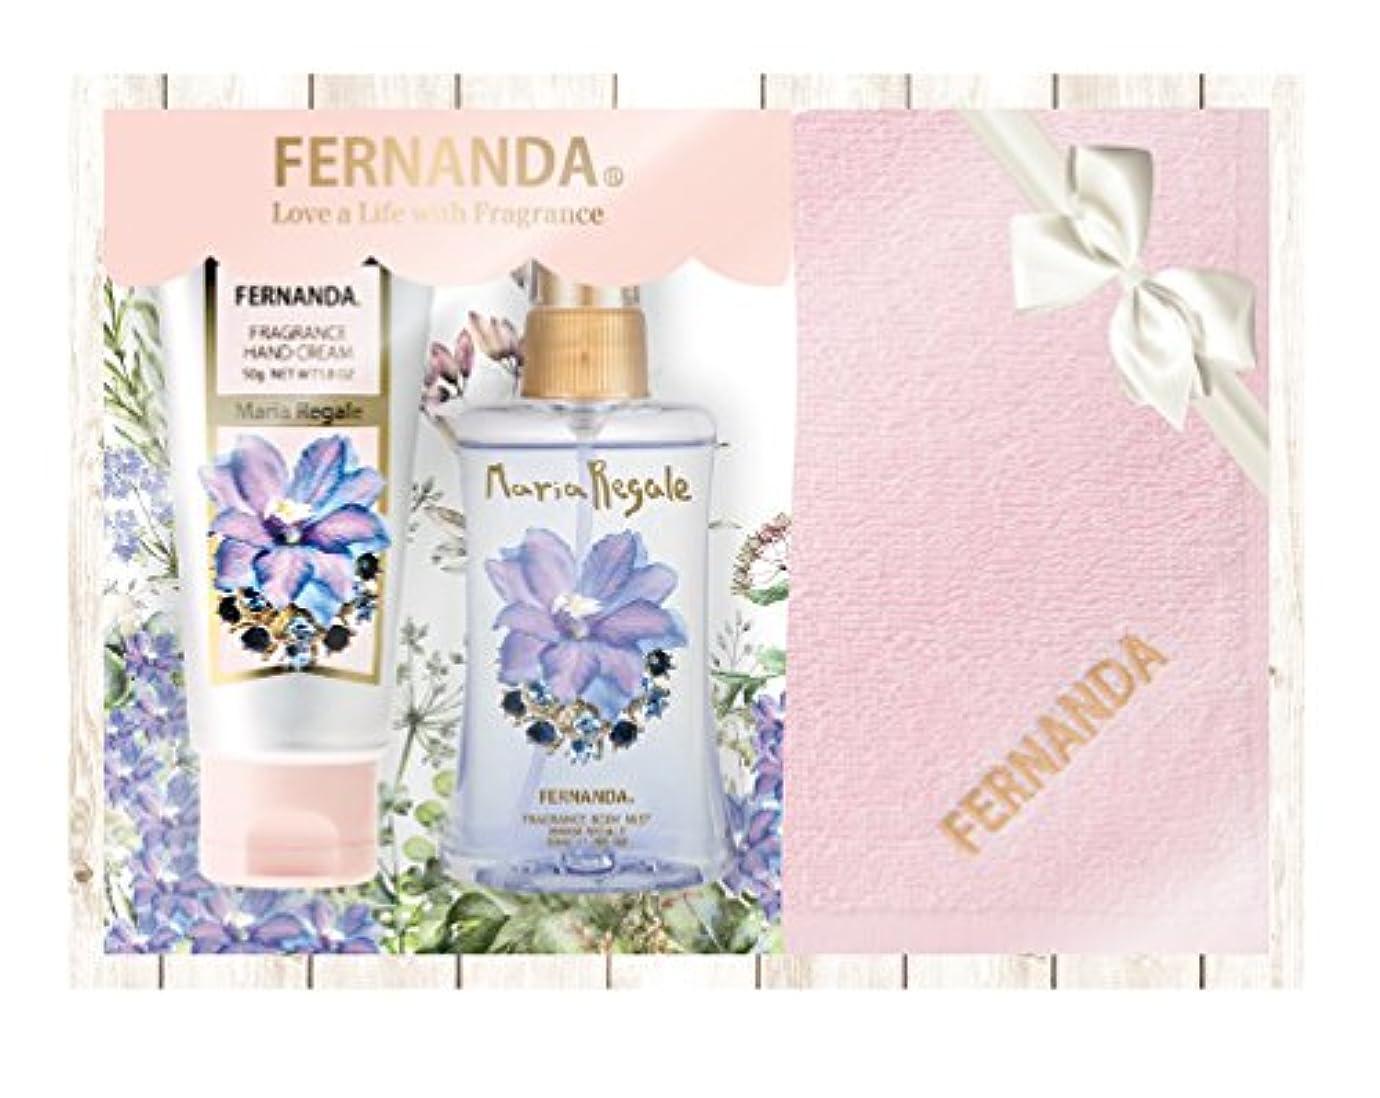 法律メンタリティ合成FERNANDA(フェルナンダ)Mini Mist & Hand Cream Special Gift Maria Regale (ミニミスト&ハンドクリームスペシャルギフト マリアリゲル)